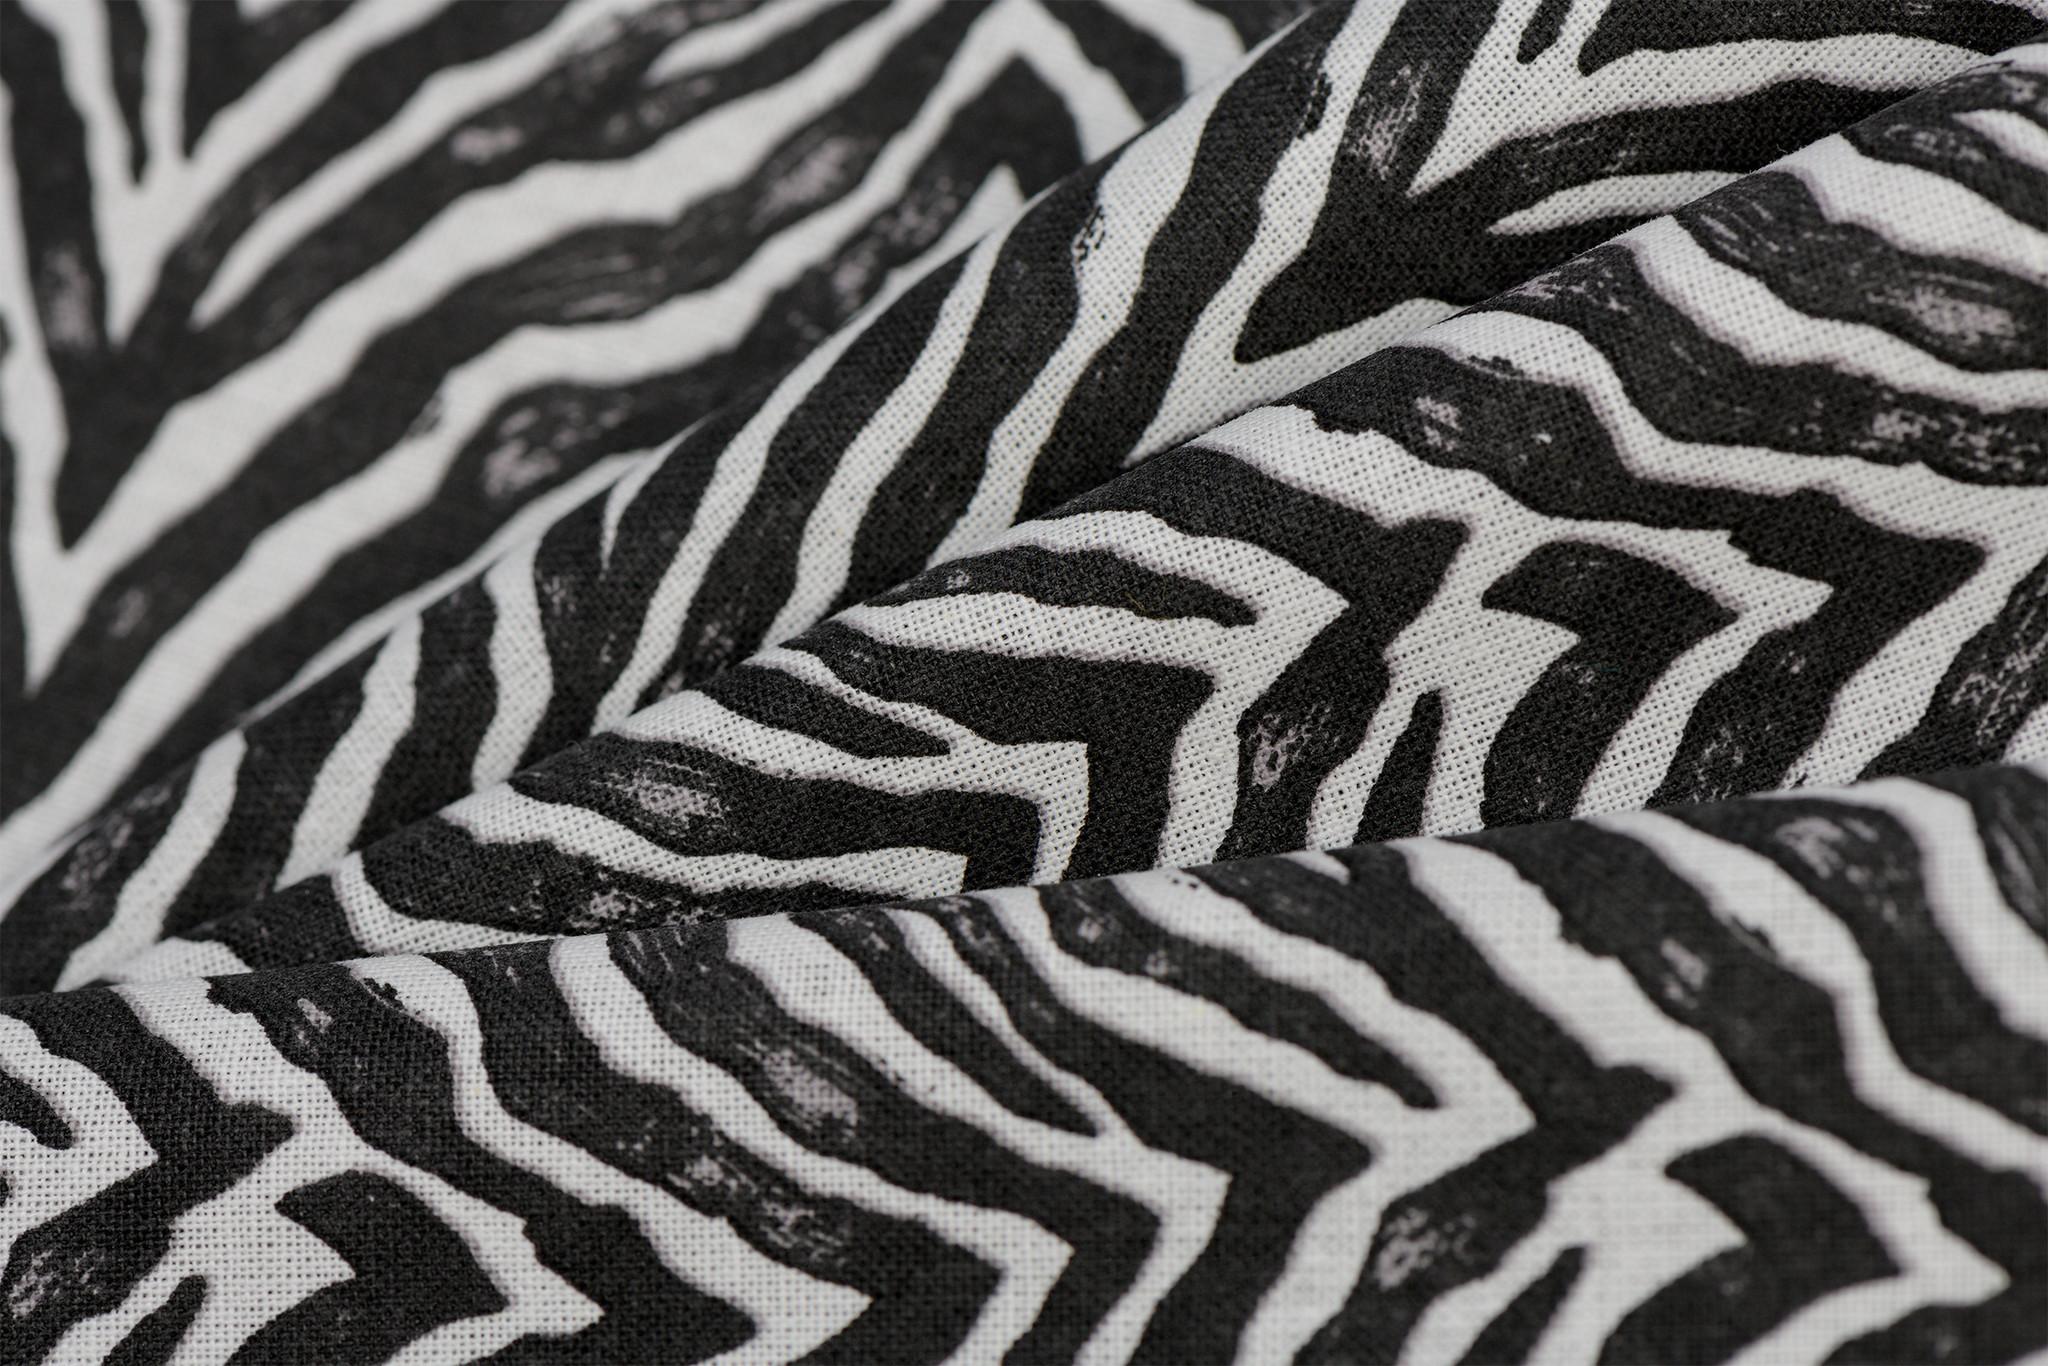 Katoen Zebra Skin Off White / Black